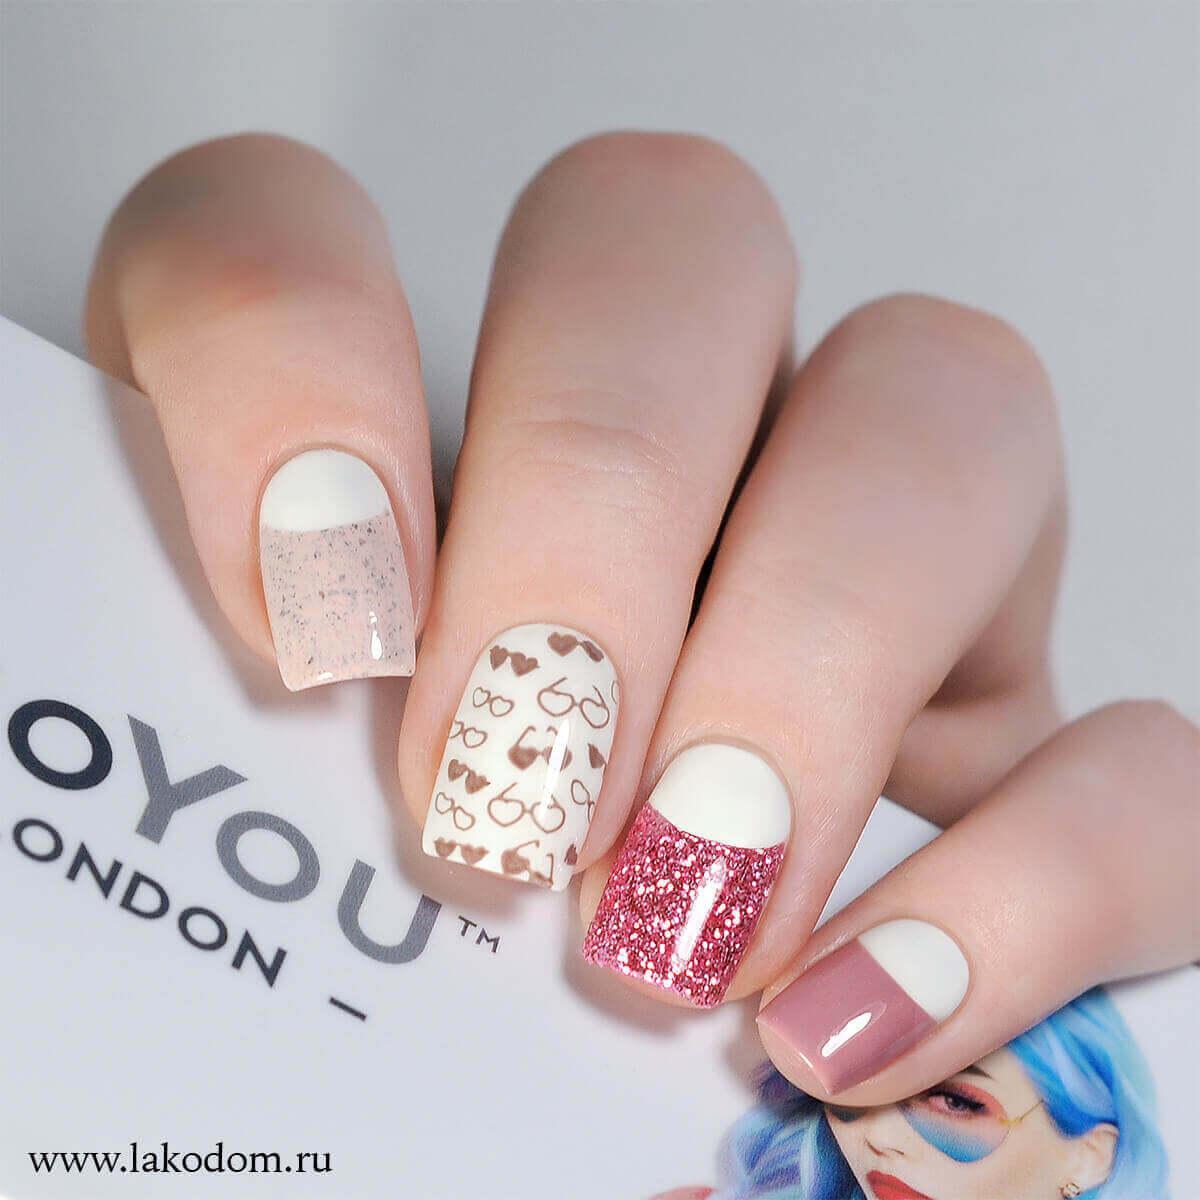 Décoration Nail Art rose avec impression